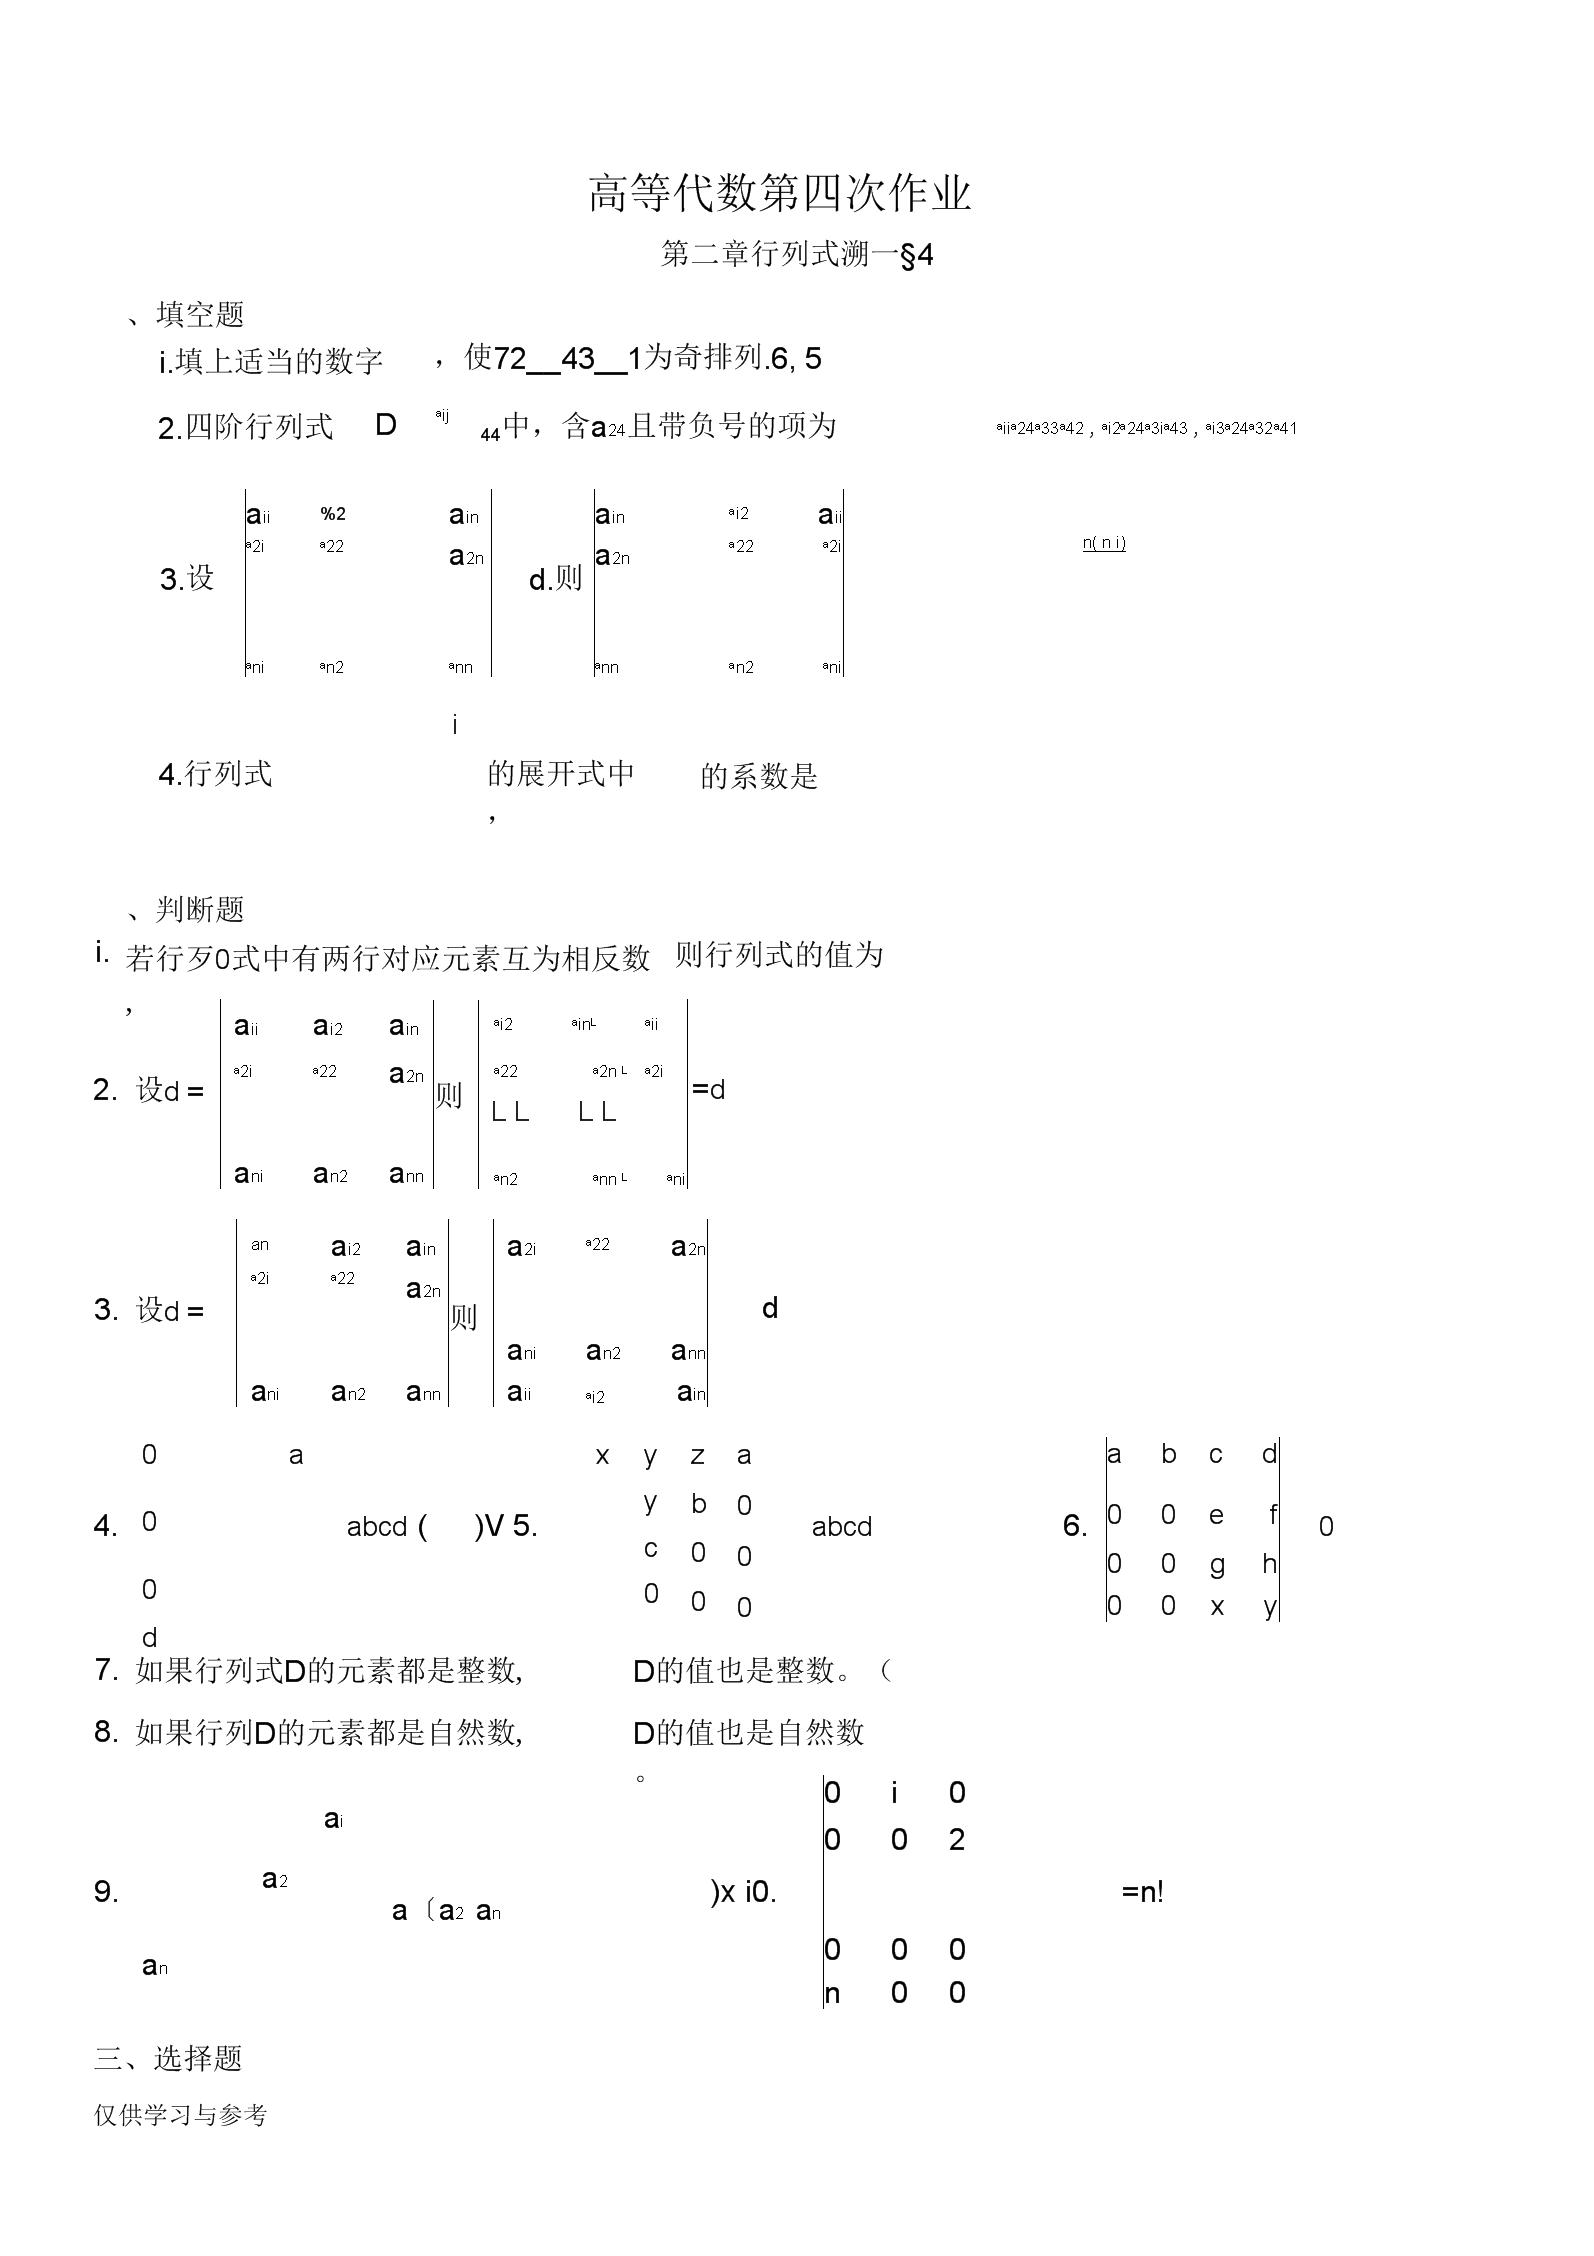 高等代数作业第二章行列式答案word版本.docx